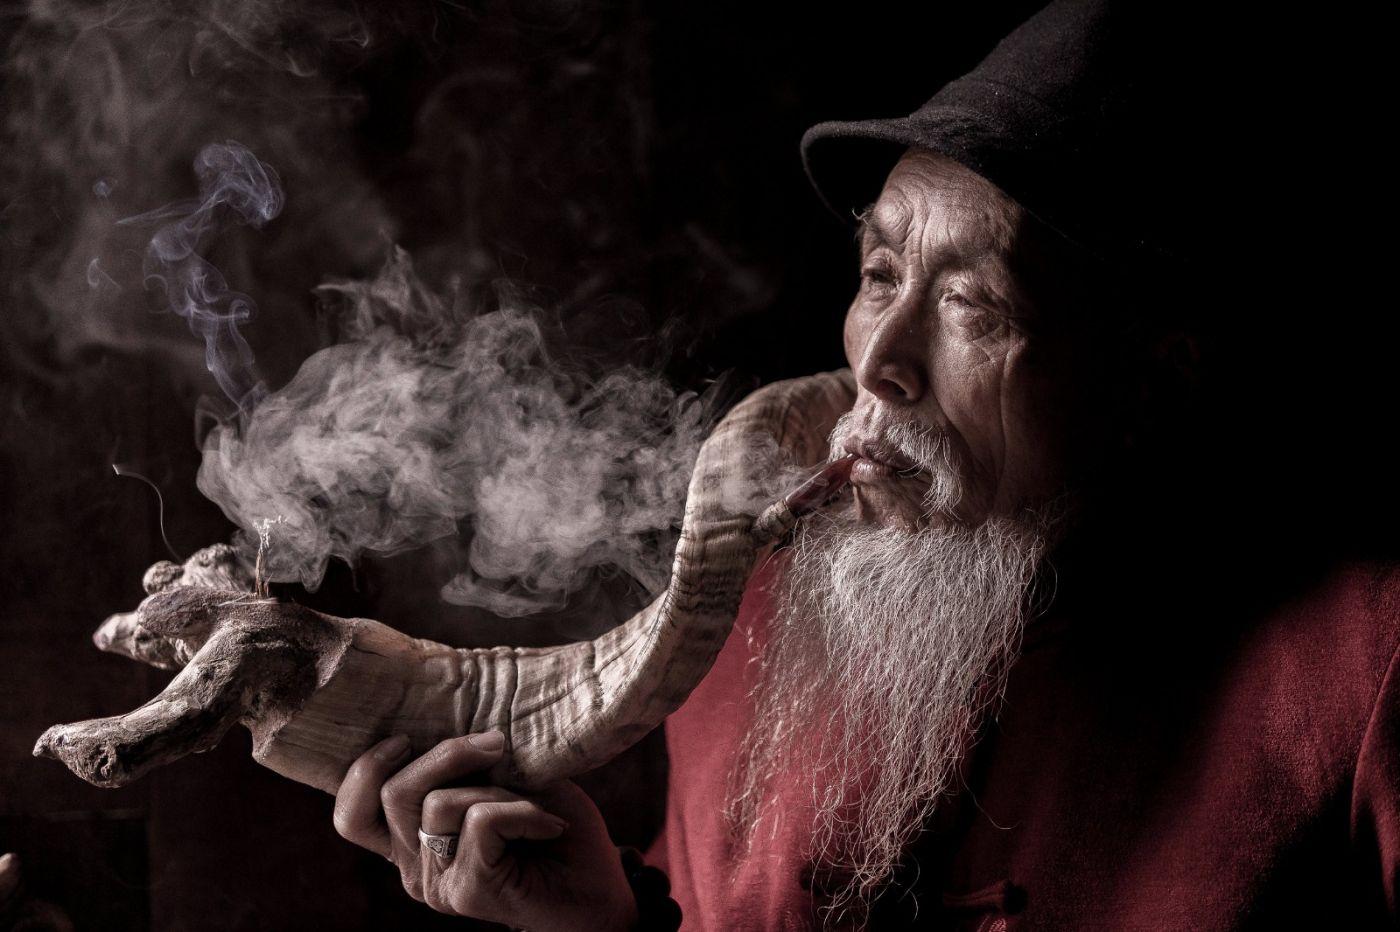 泡在成都老茶馆 感受销魂时刻 喝大茶 掏耳朵 拍美女 生活真美好 ..._图1-7